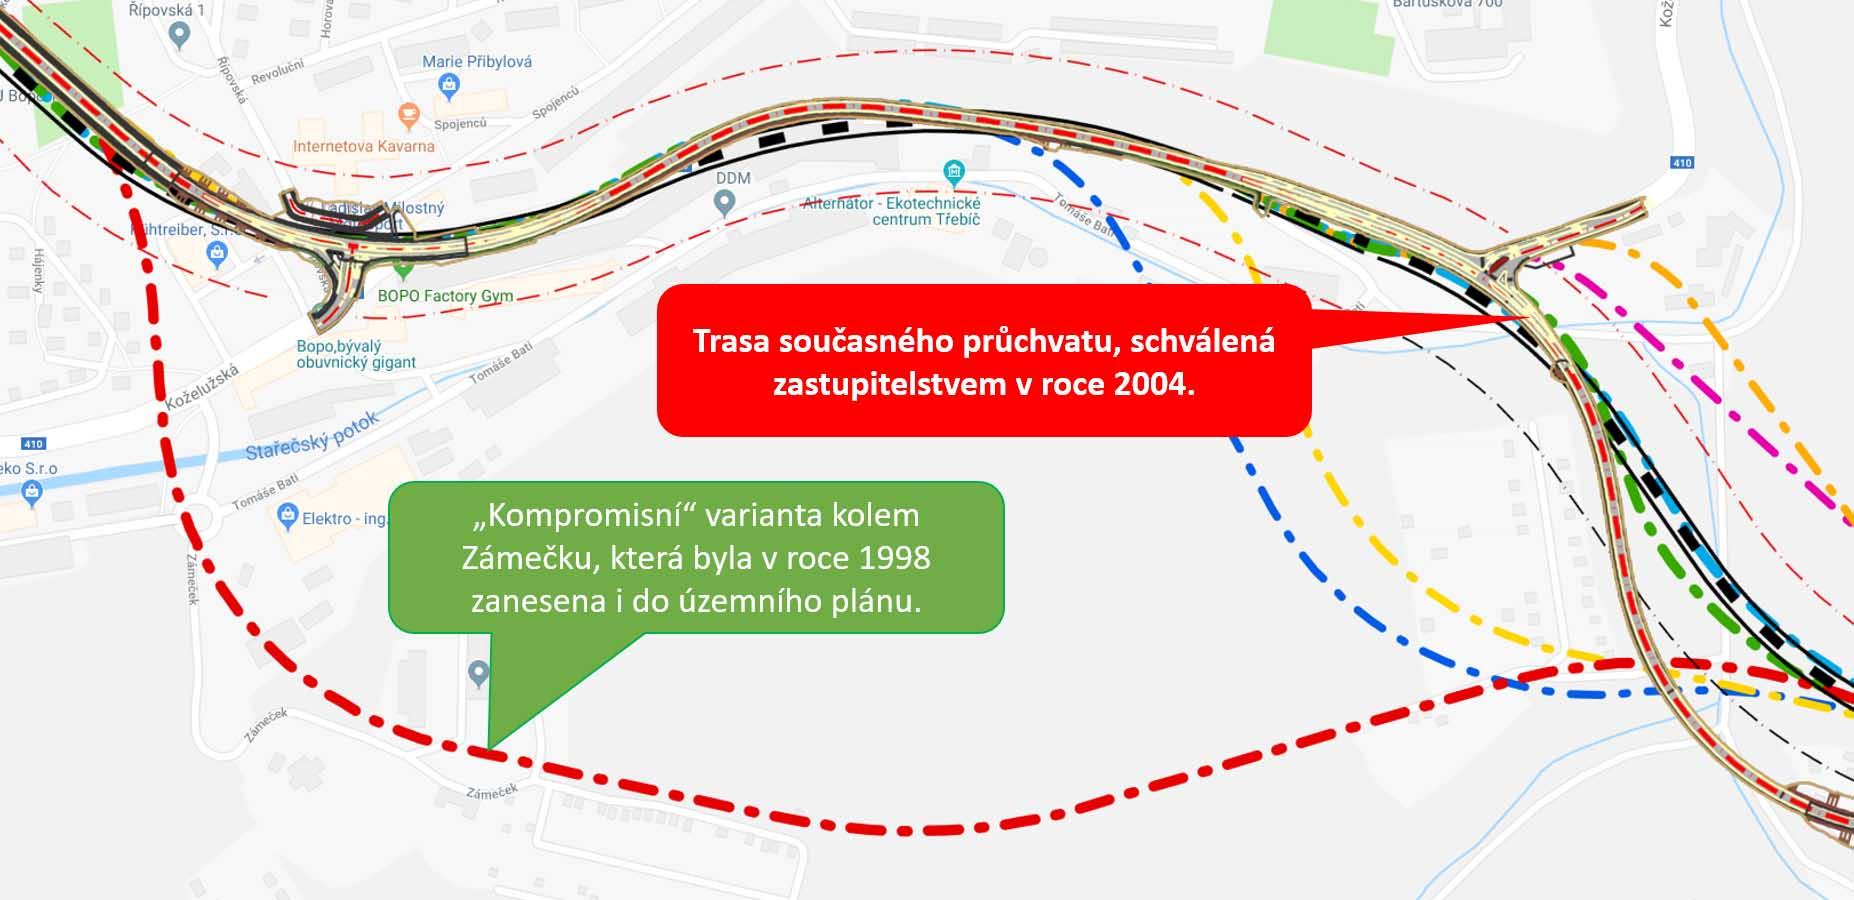 Obchvat Třebíče - trasa z roku 1998 a současný průchvat